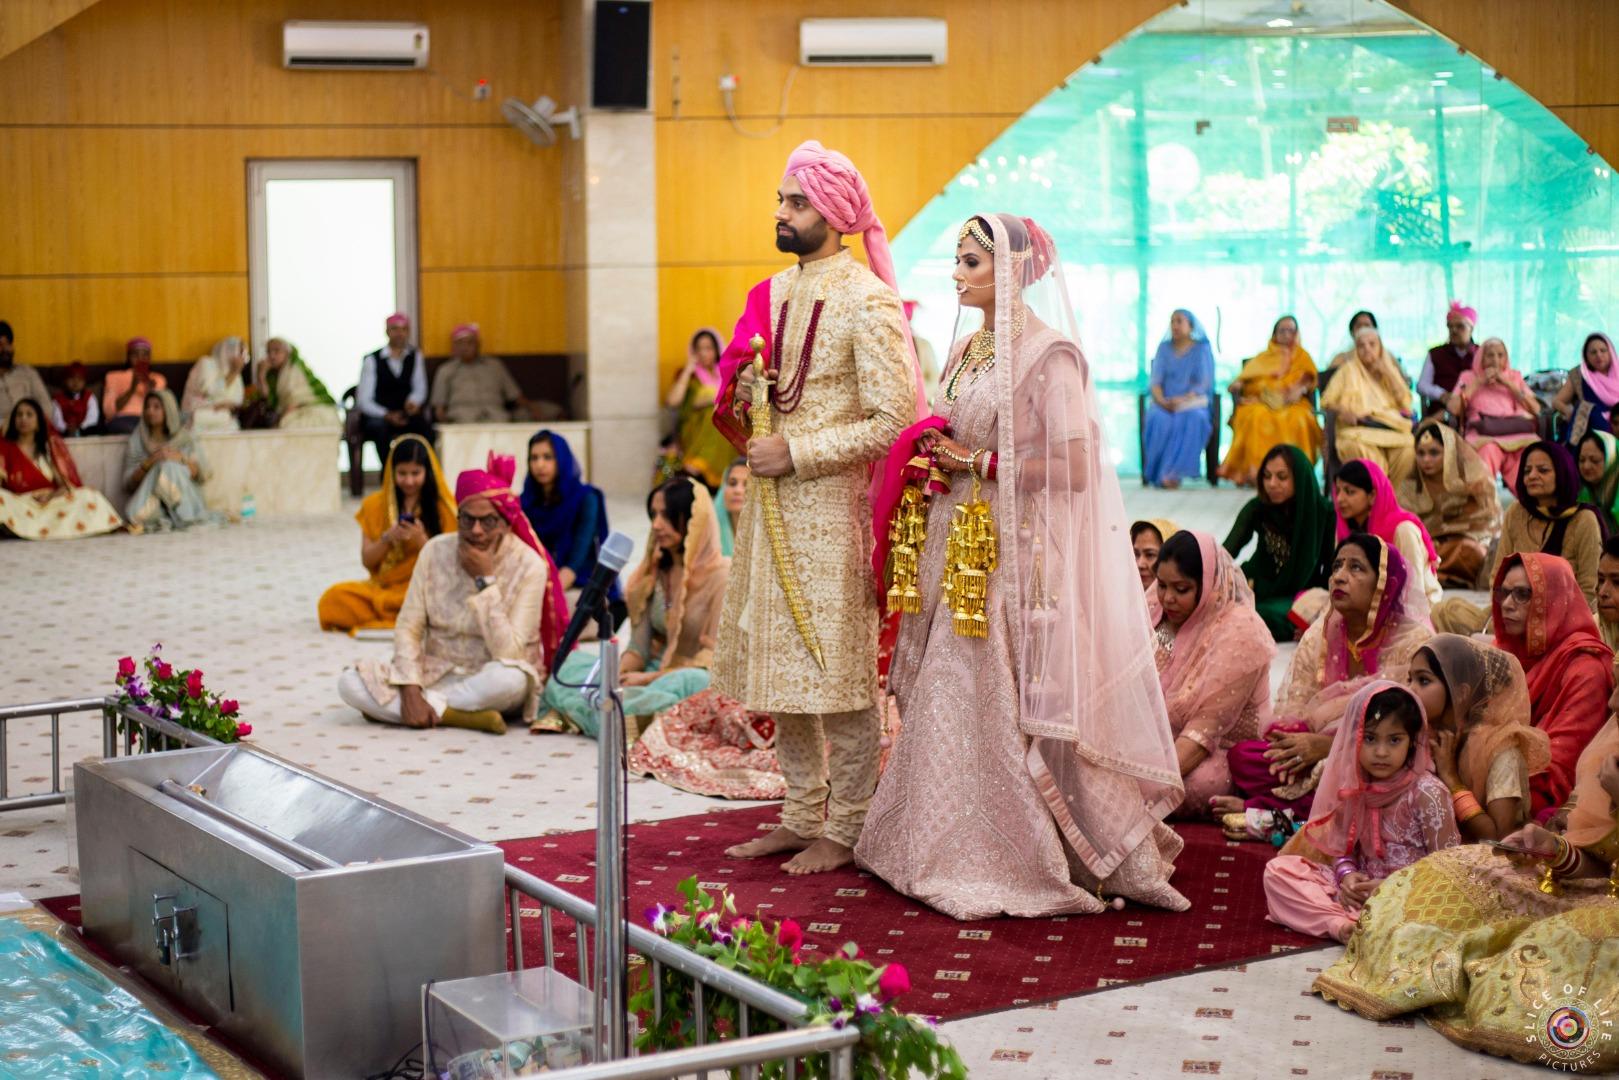 Gurudwara Wedding of Sikh Couple